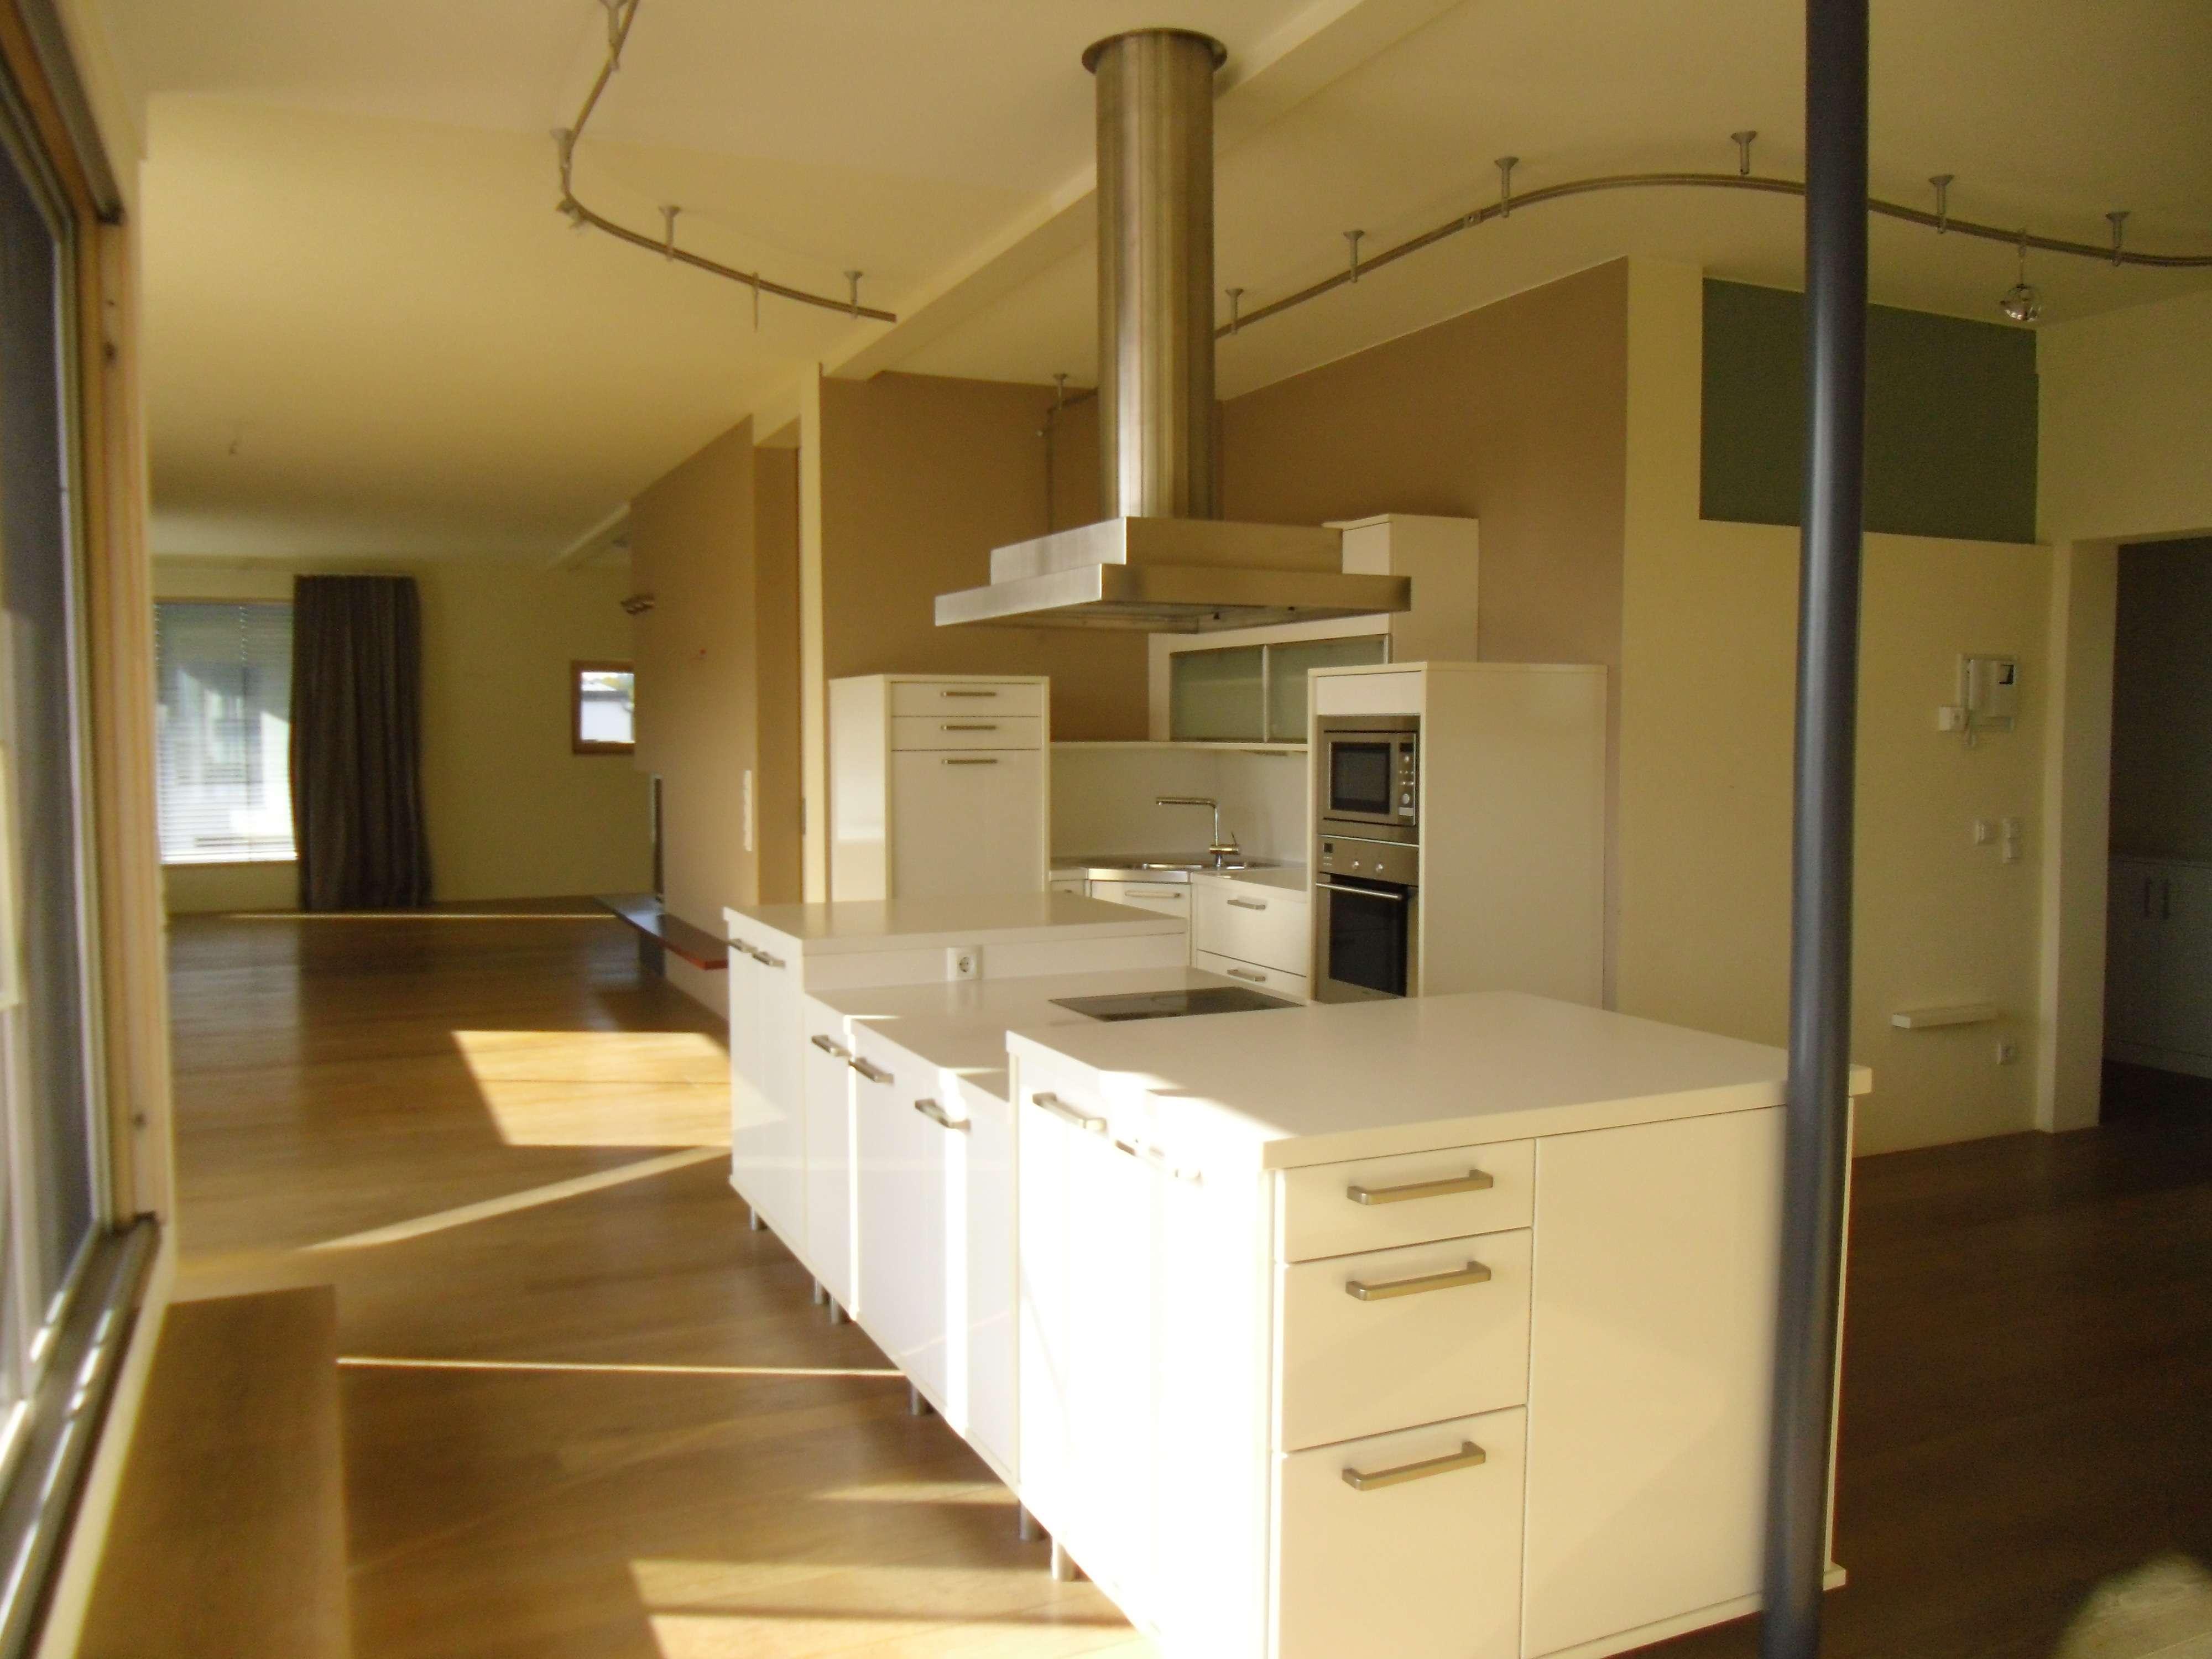 Moderne, gepflegte 3-Zimmer-Penthouse-Wohnung mit großzügiger Terrasse & Doppelgarage in